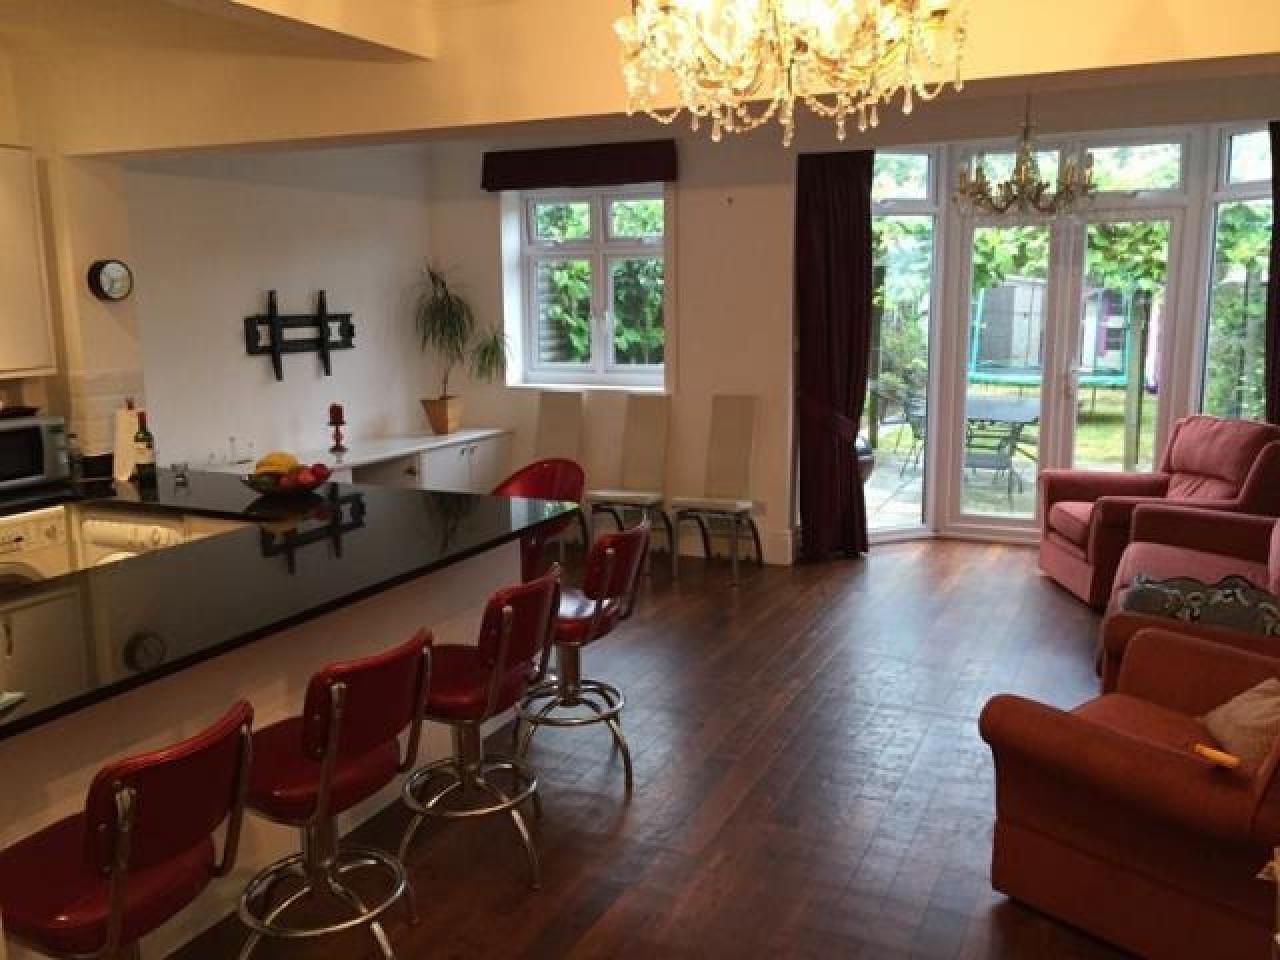 Сдаётся single комната в недавно отремонтированном, малонаселённом доме на севере Londona - 2